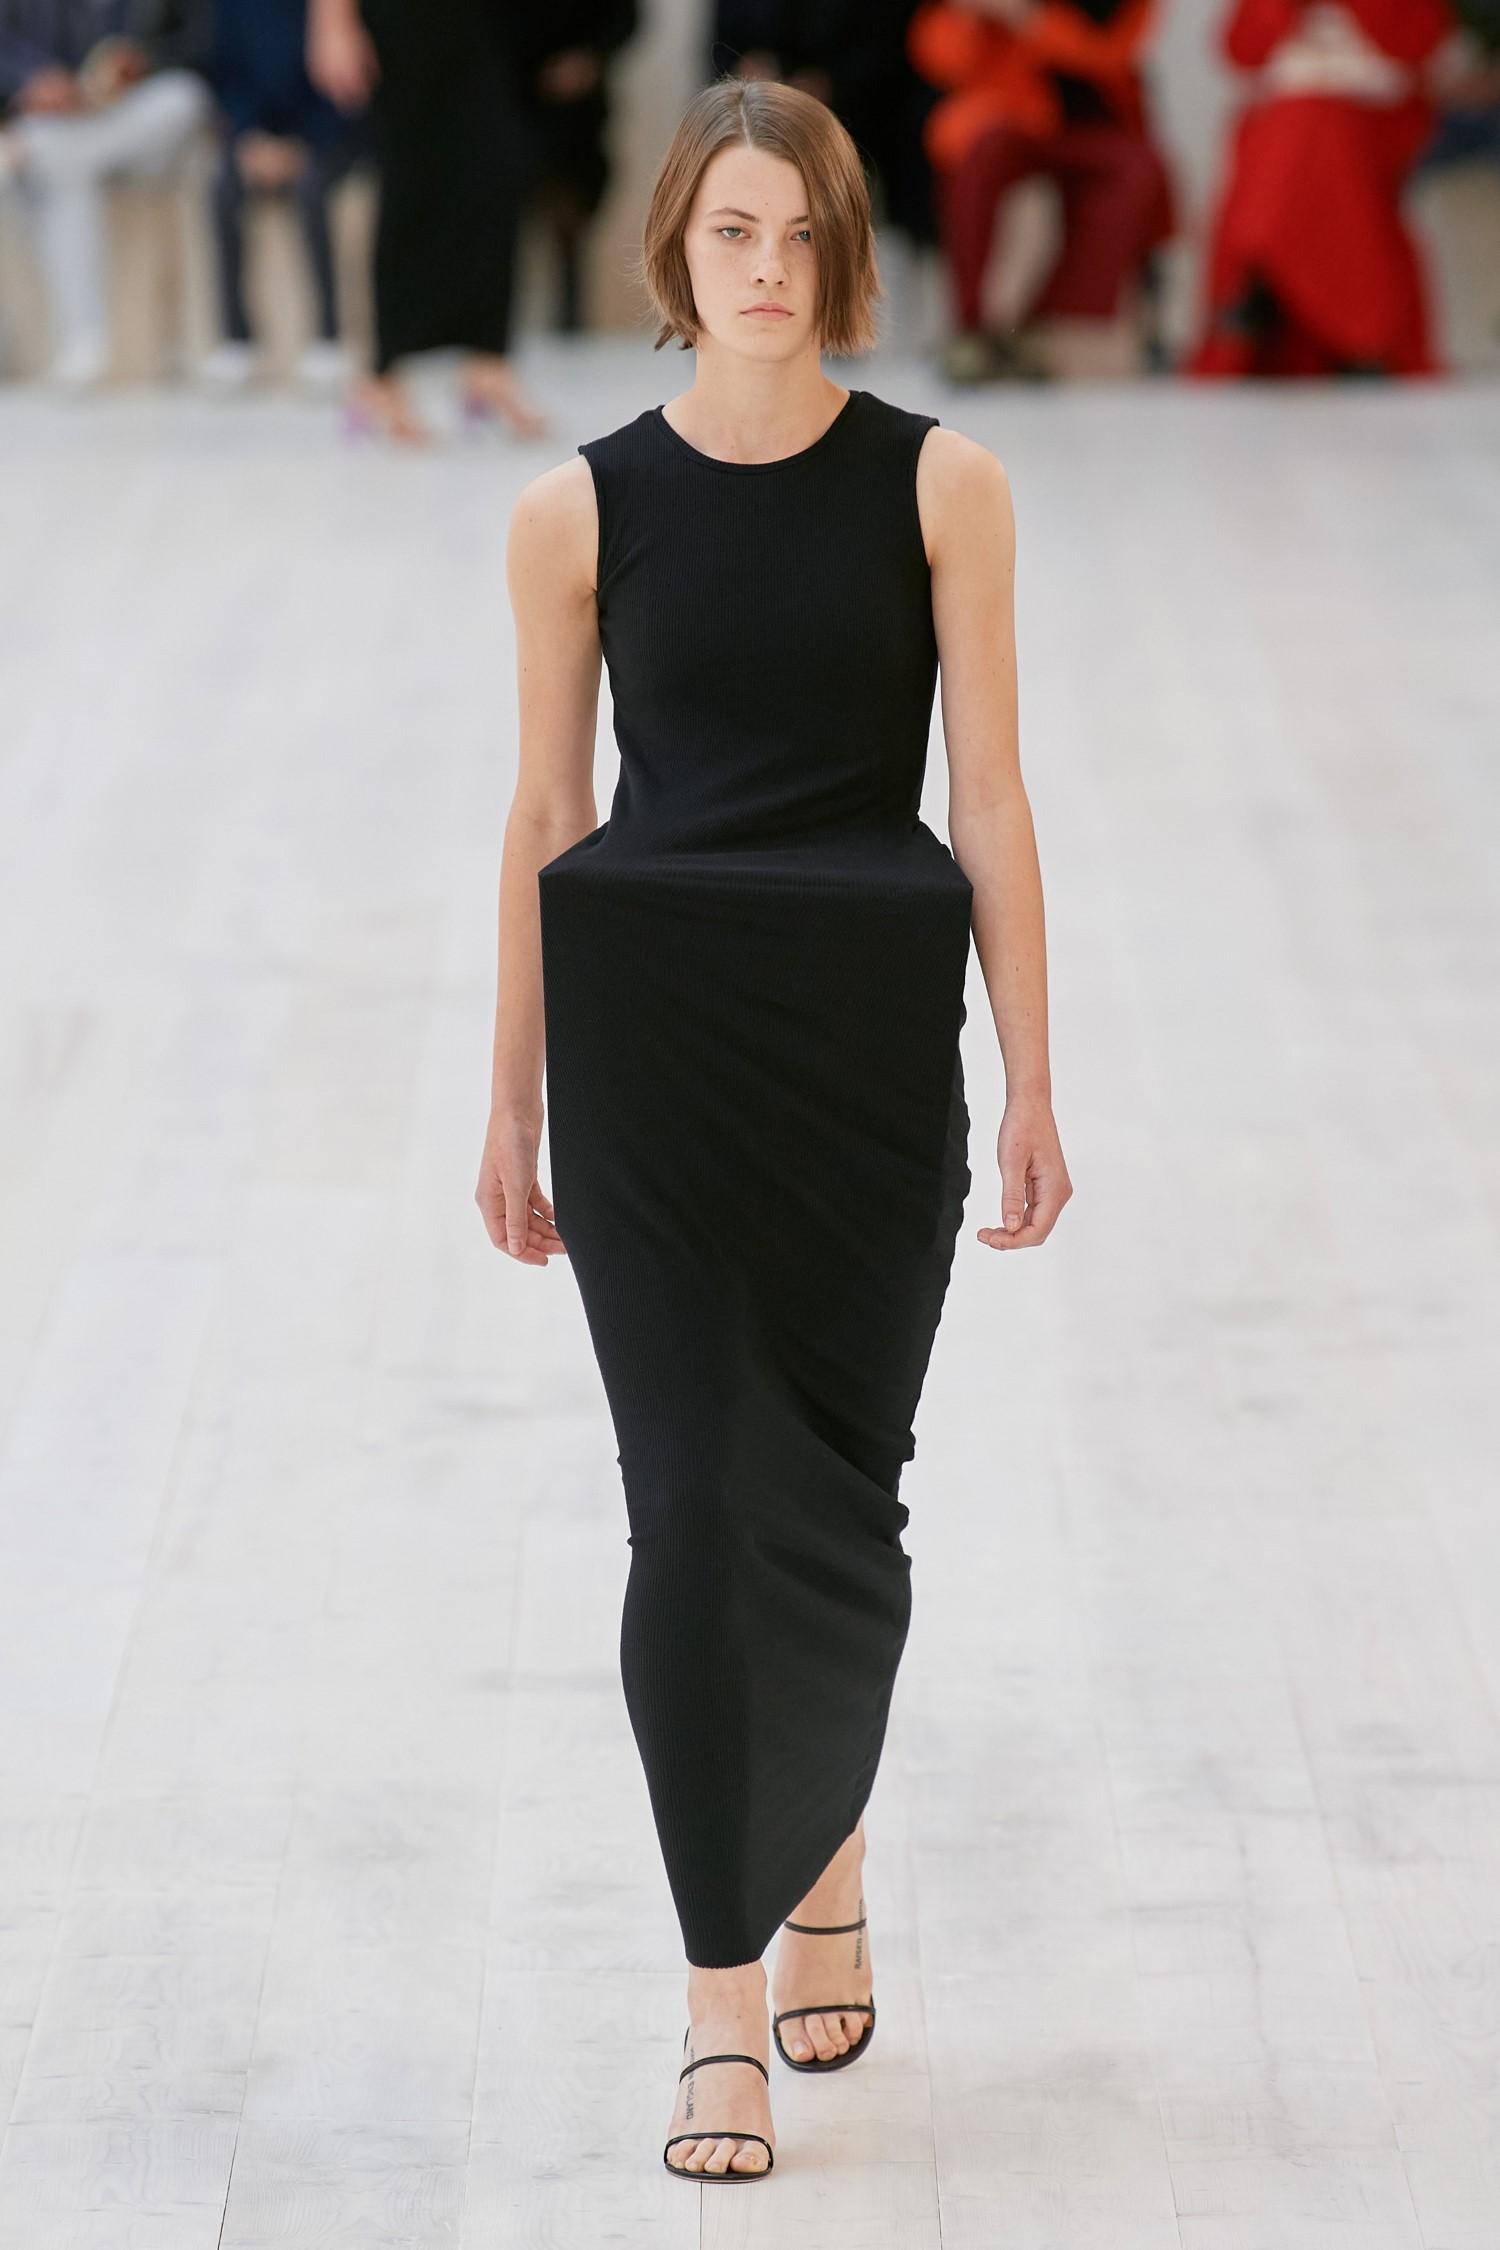 Loewe Spring Summer 2022 - Paris Fashion Week